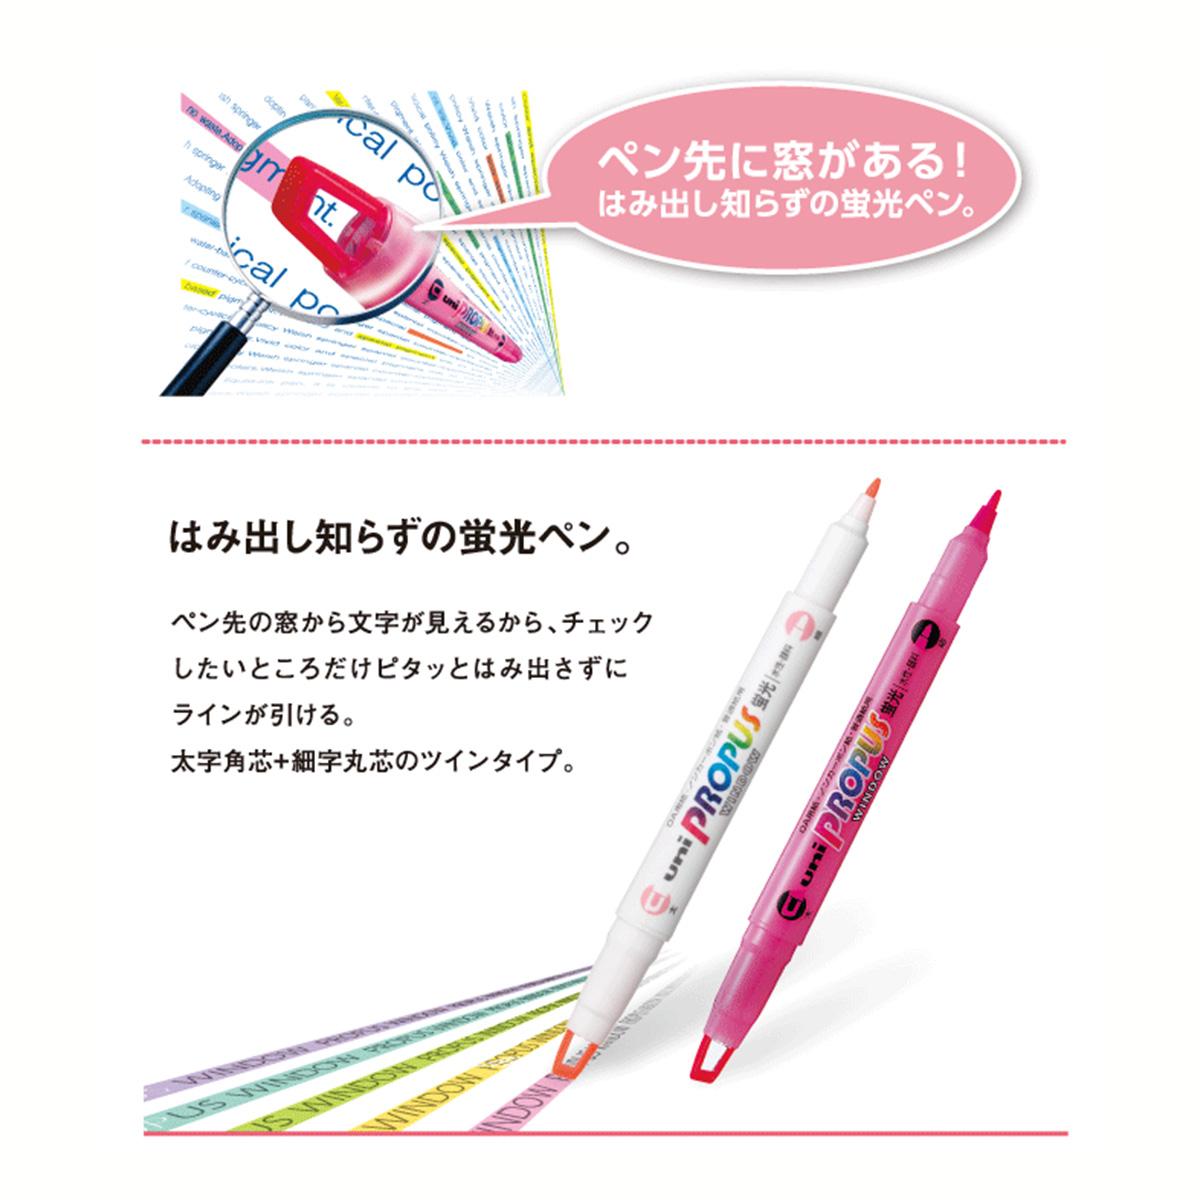 三菱鉛筆 プロパスウインドウ スタンダードカラー 蛍光ペン PUS-102T